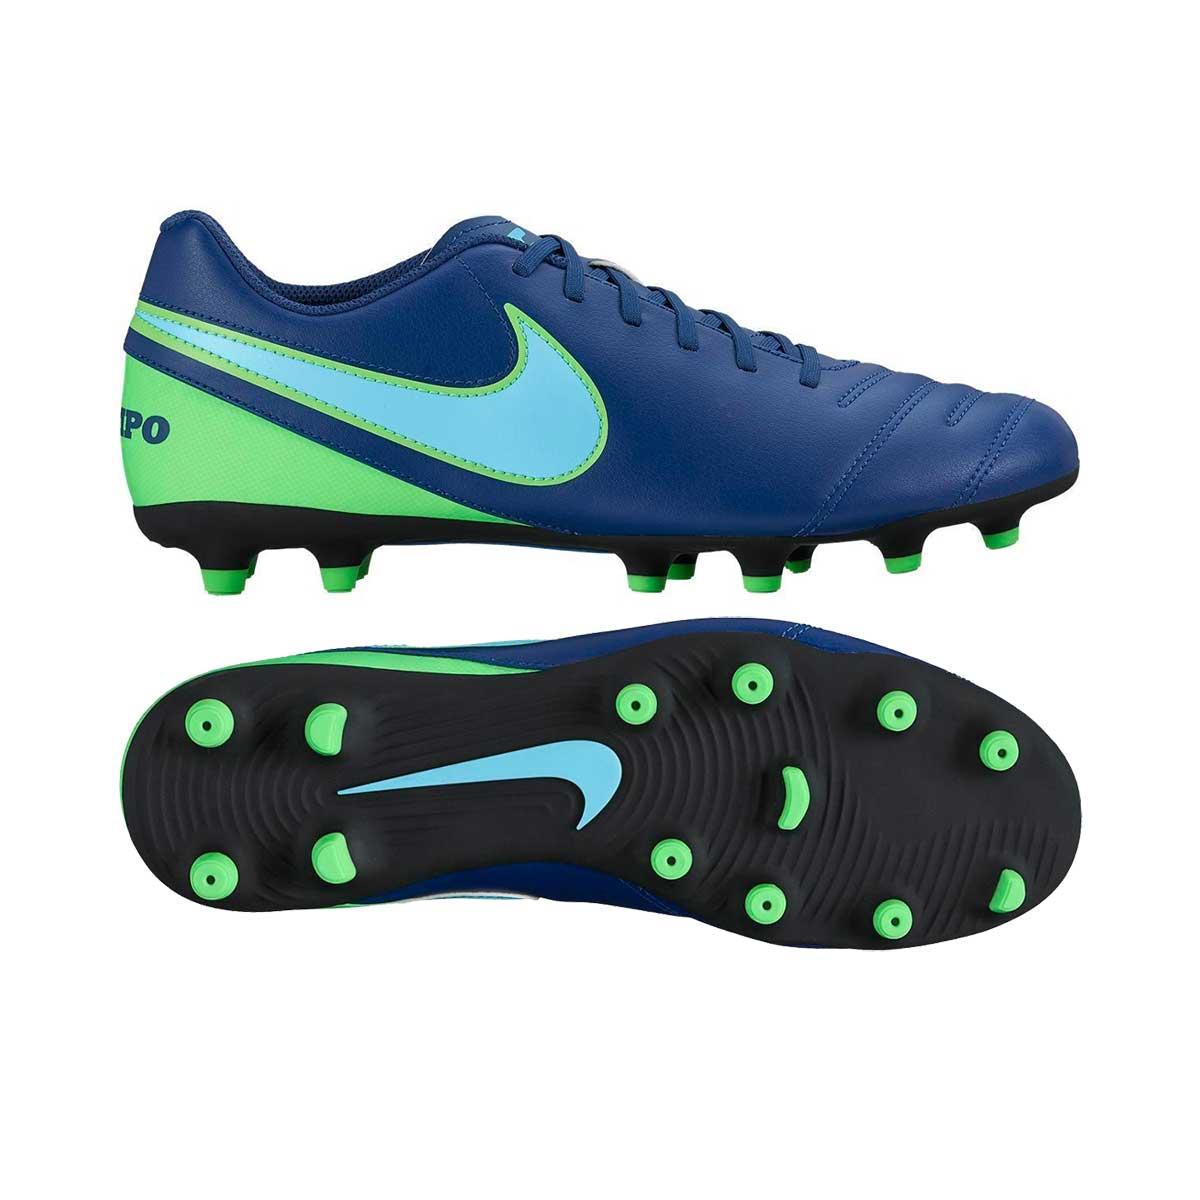 10c30159db275 Buy Nike Tiempo Rio III FG Football Shoes (Coastal Blue Blue) Online